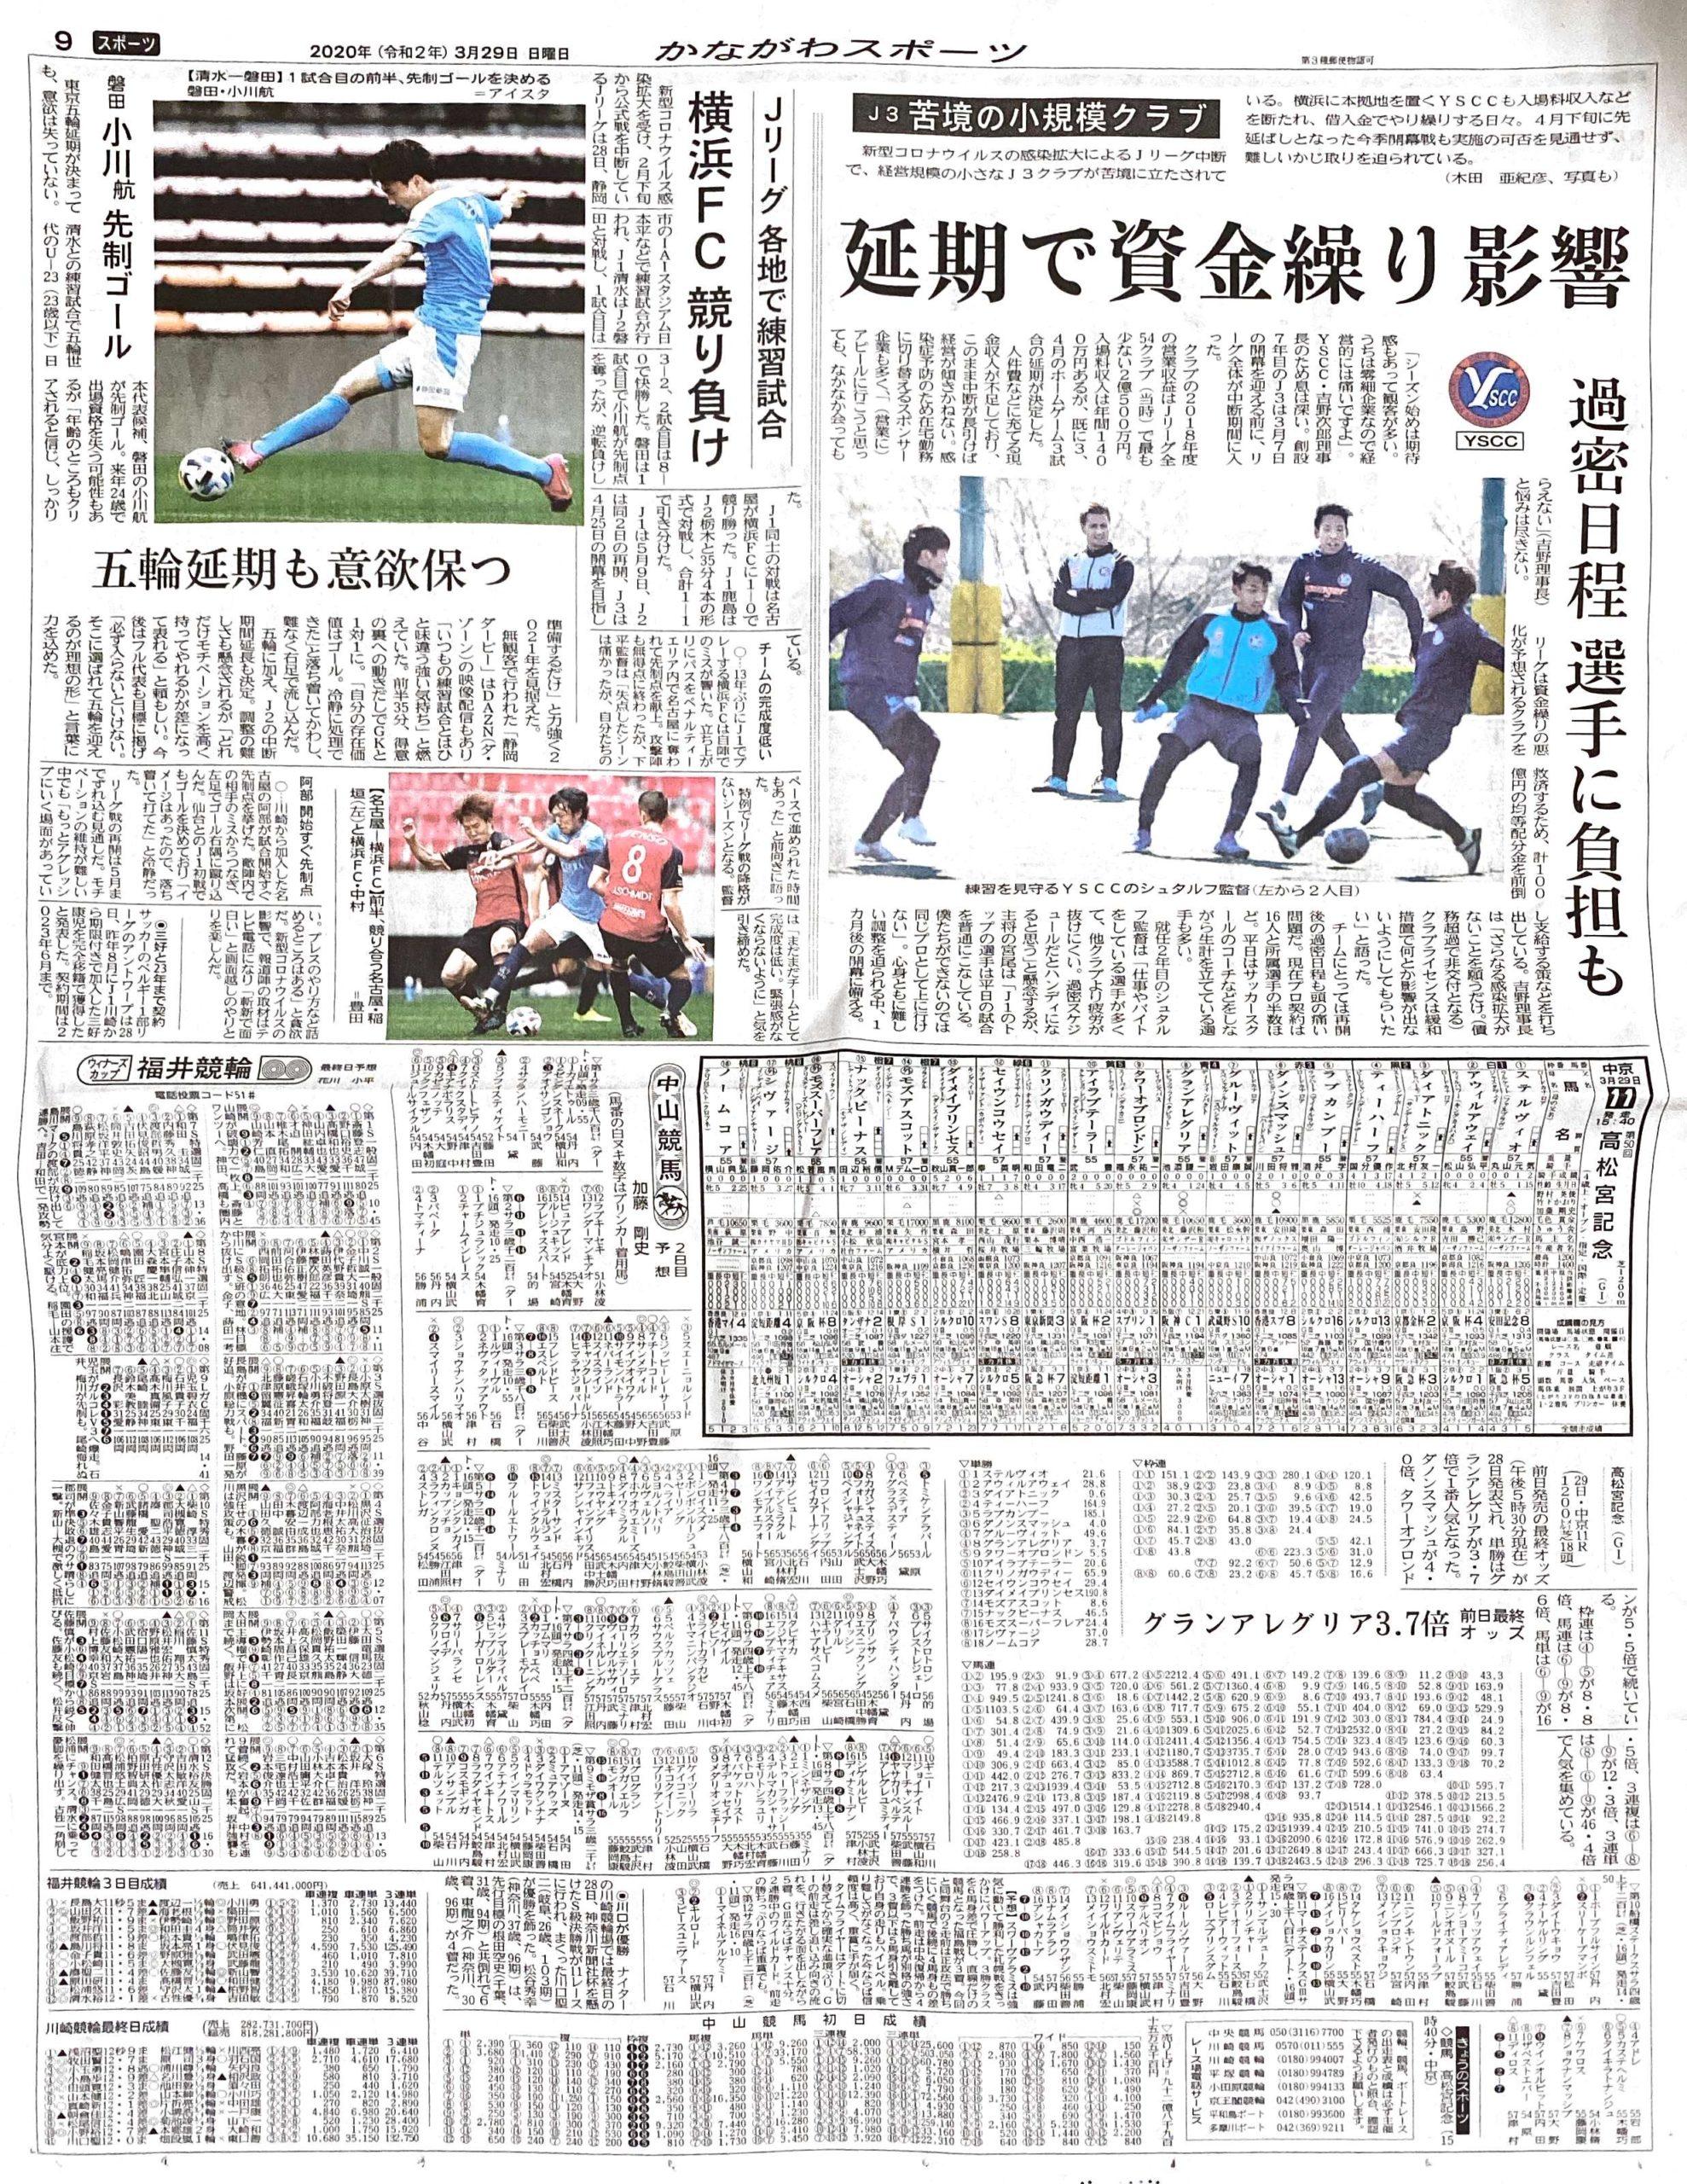 かながわスポーツに記事が掲載されました